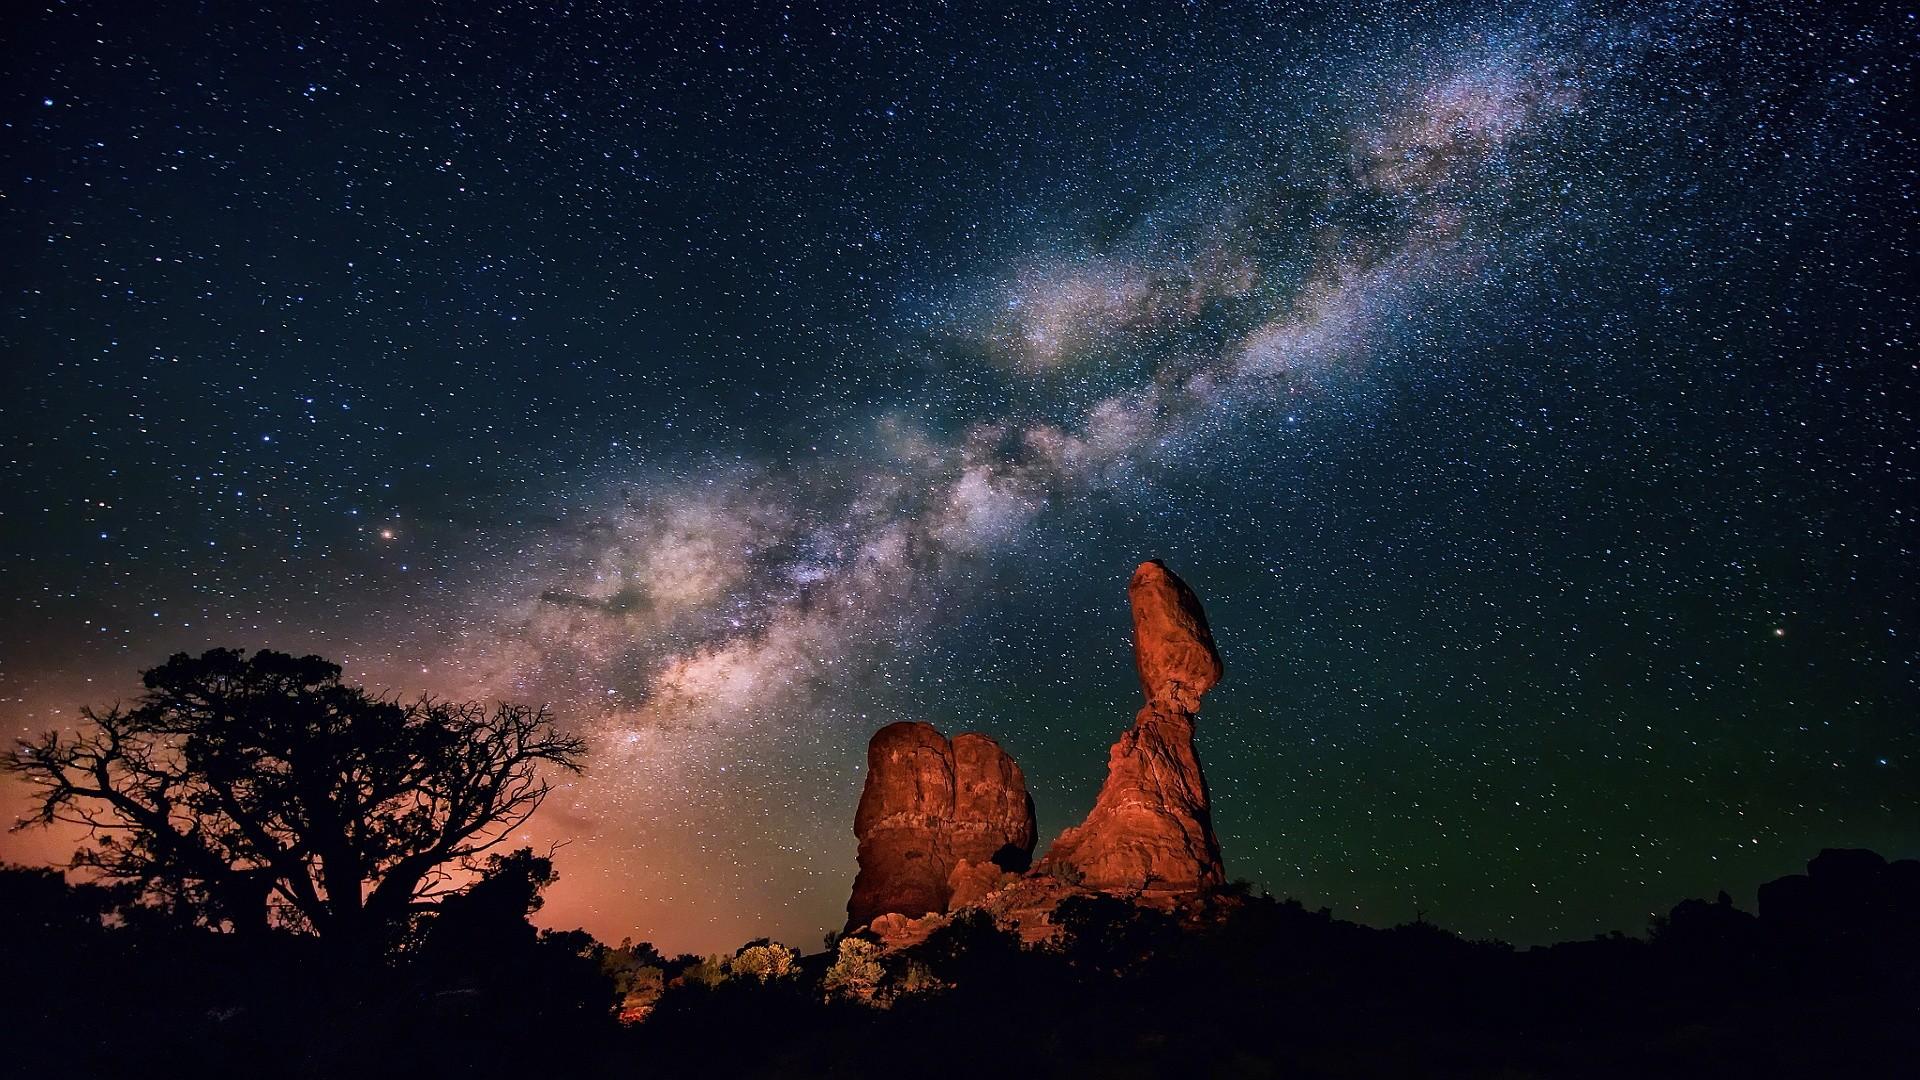 Milky Way Wallpaper 1920x1080 (71+ Images